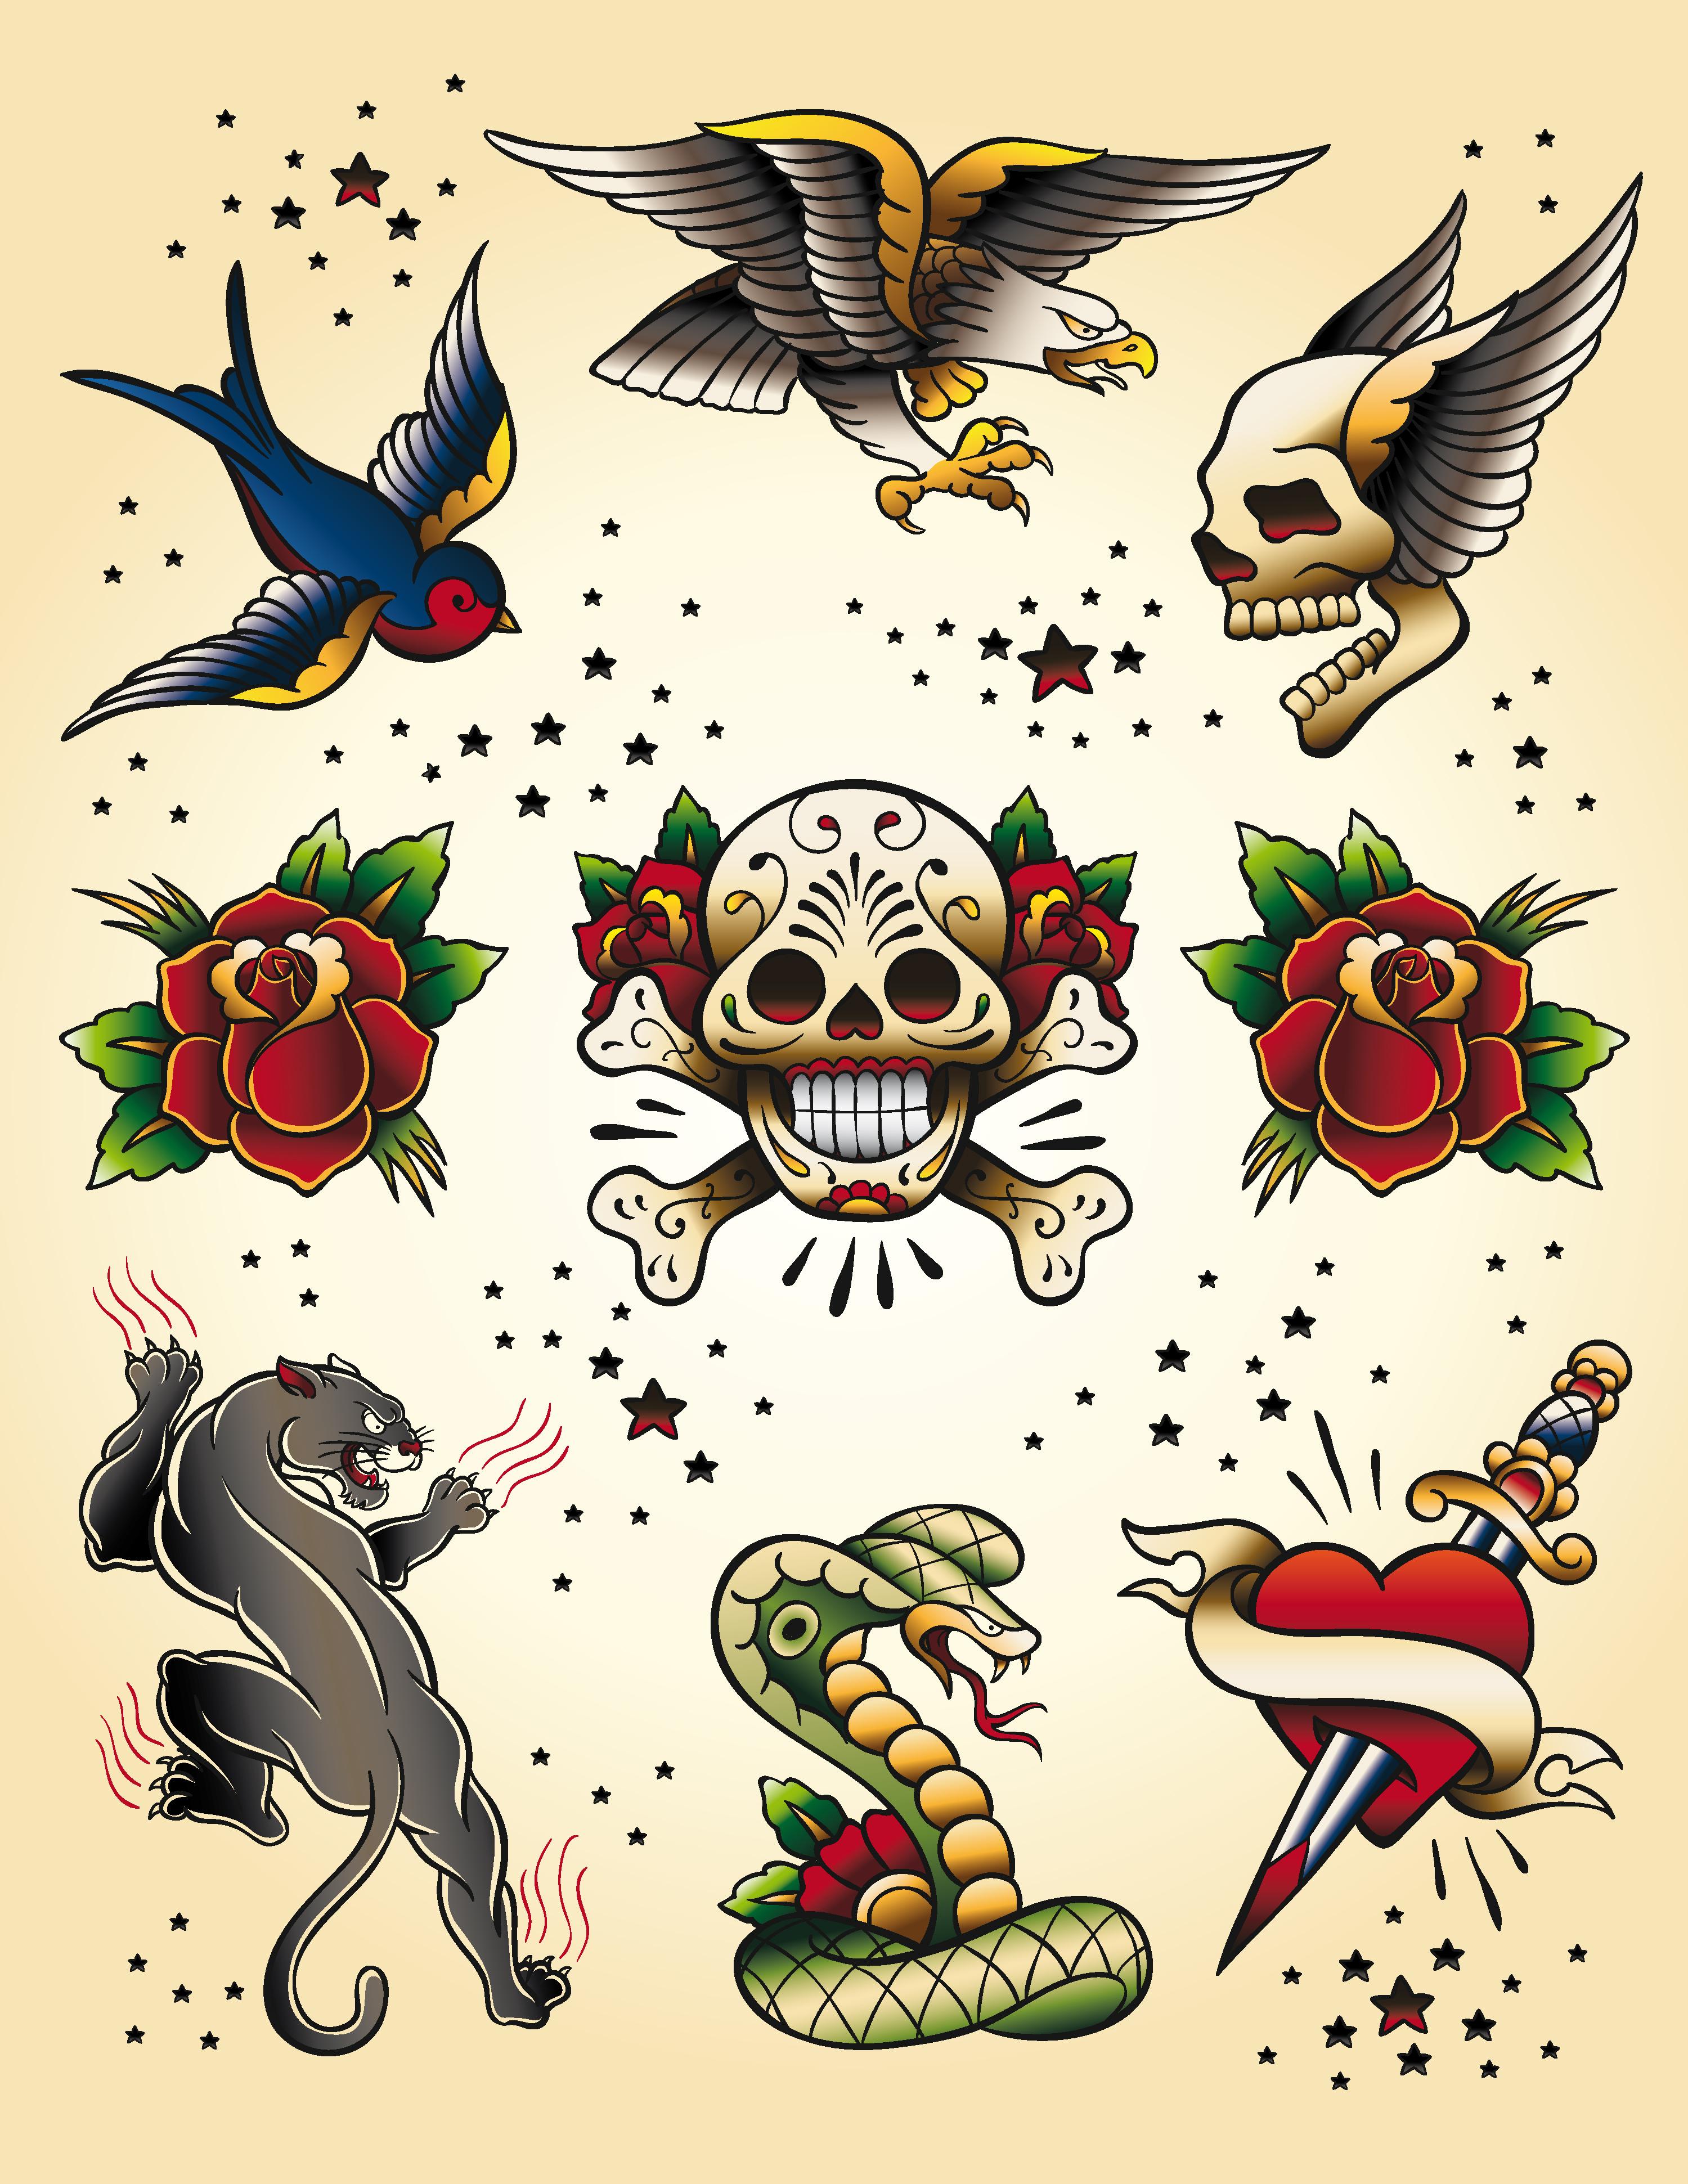 生活百科 其他 燕子,老鹰,骷髅头翅膀,玫瑰,匕首,老虎,眼镜蛇,纹身图片